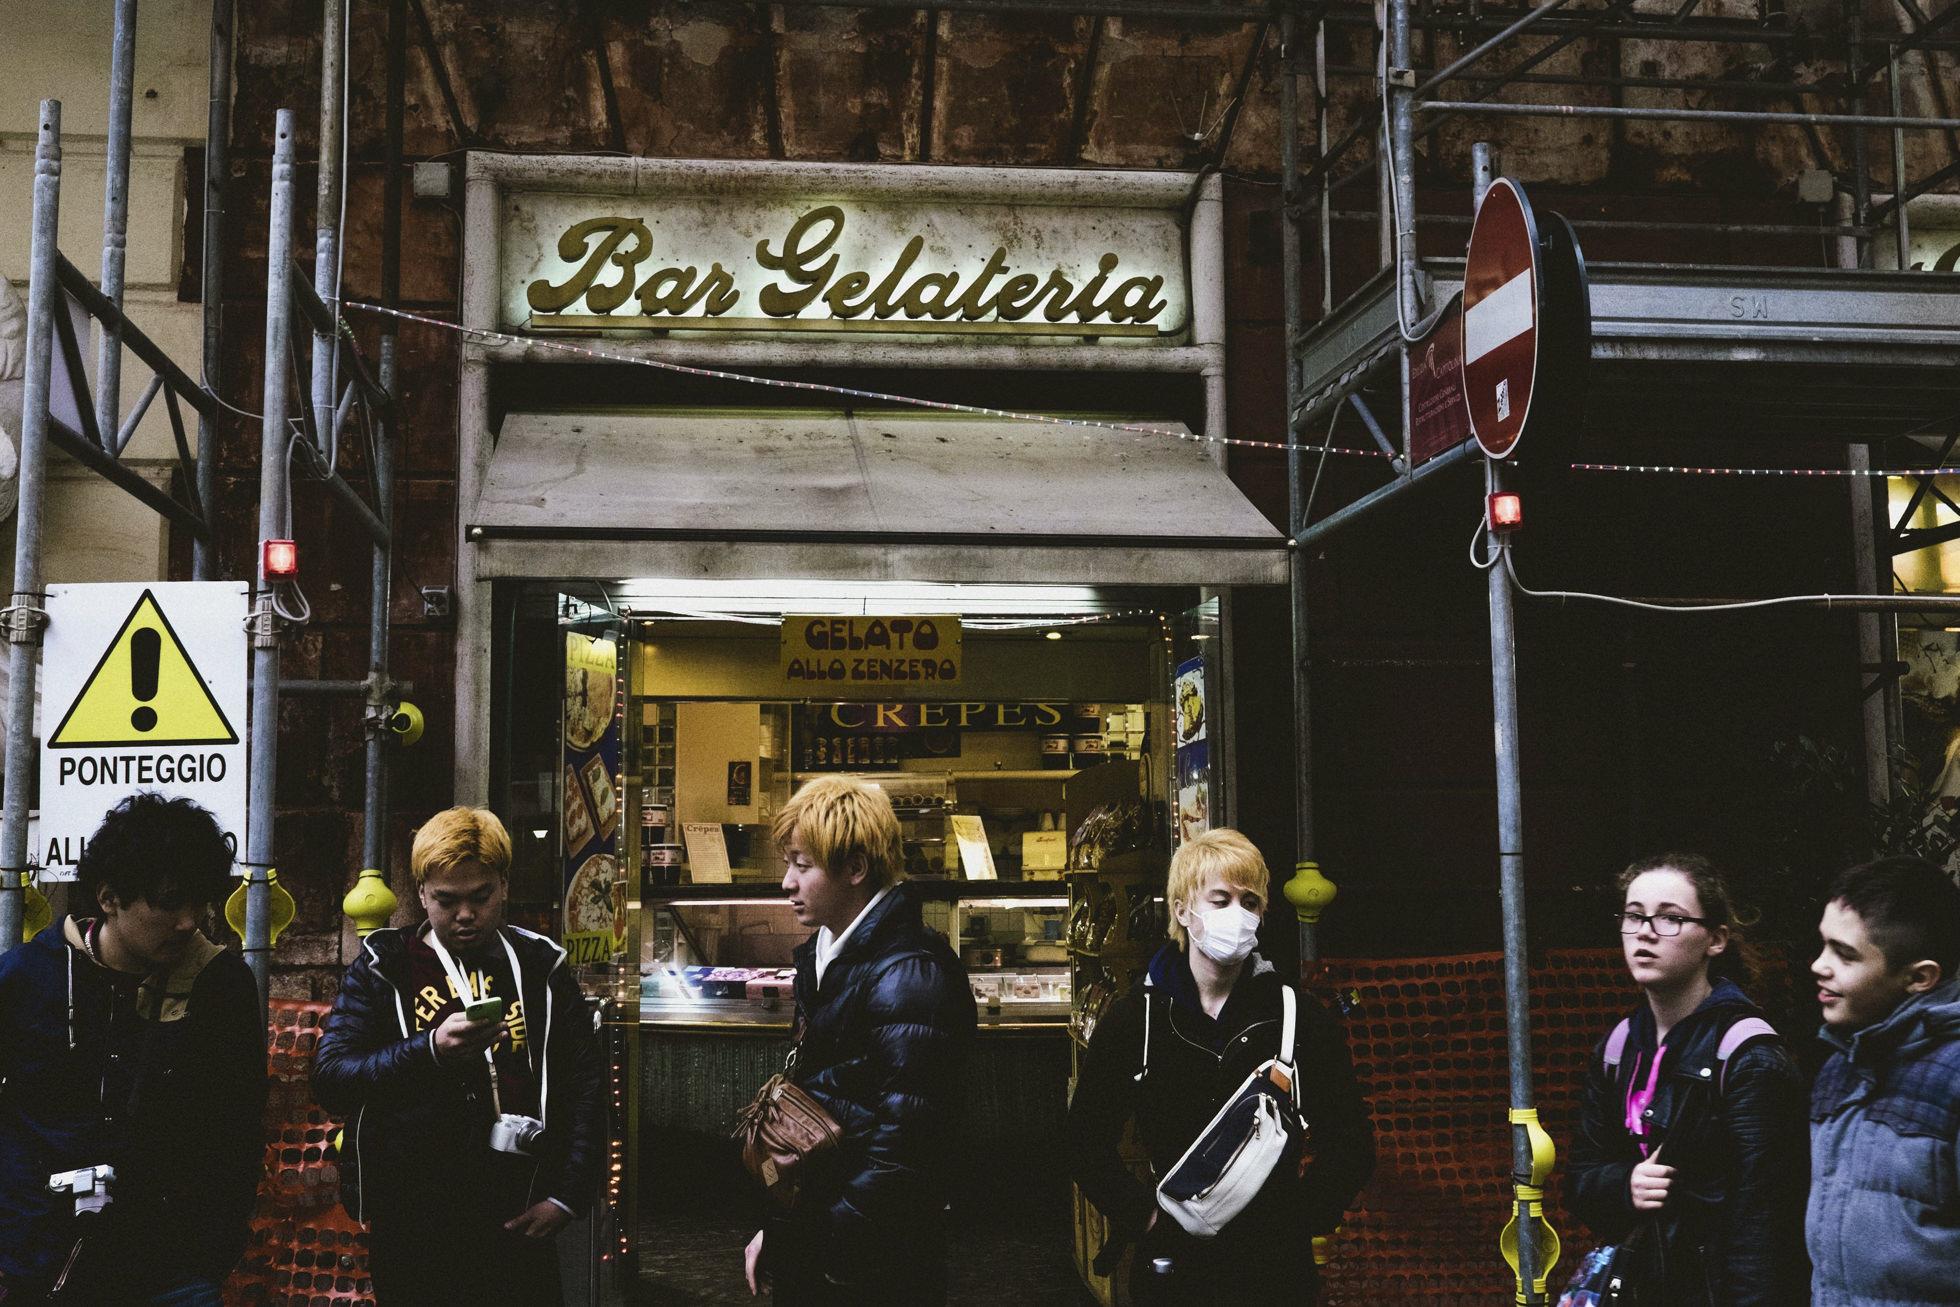 Italy Street Photography